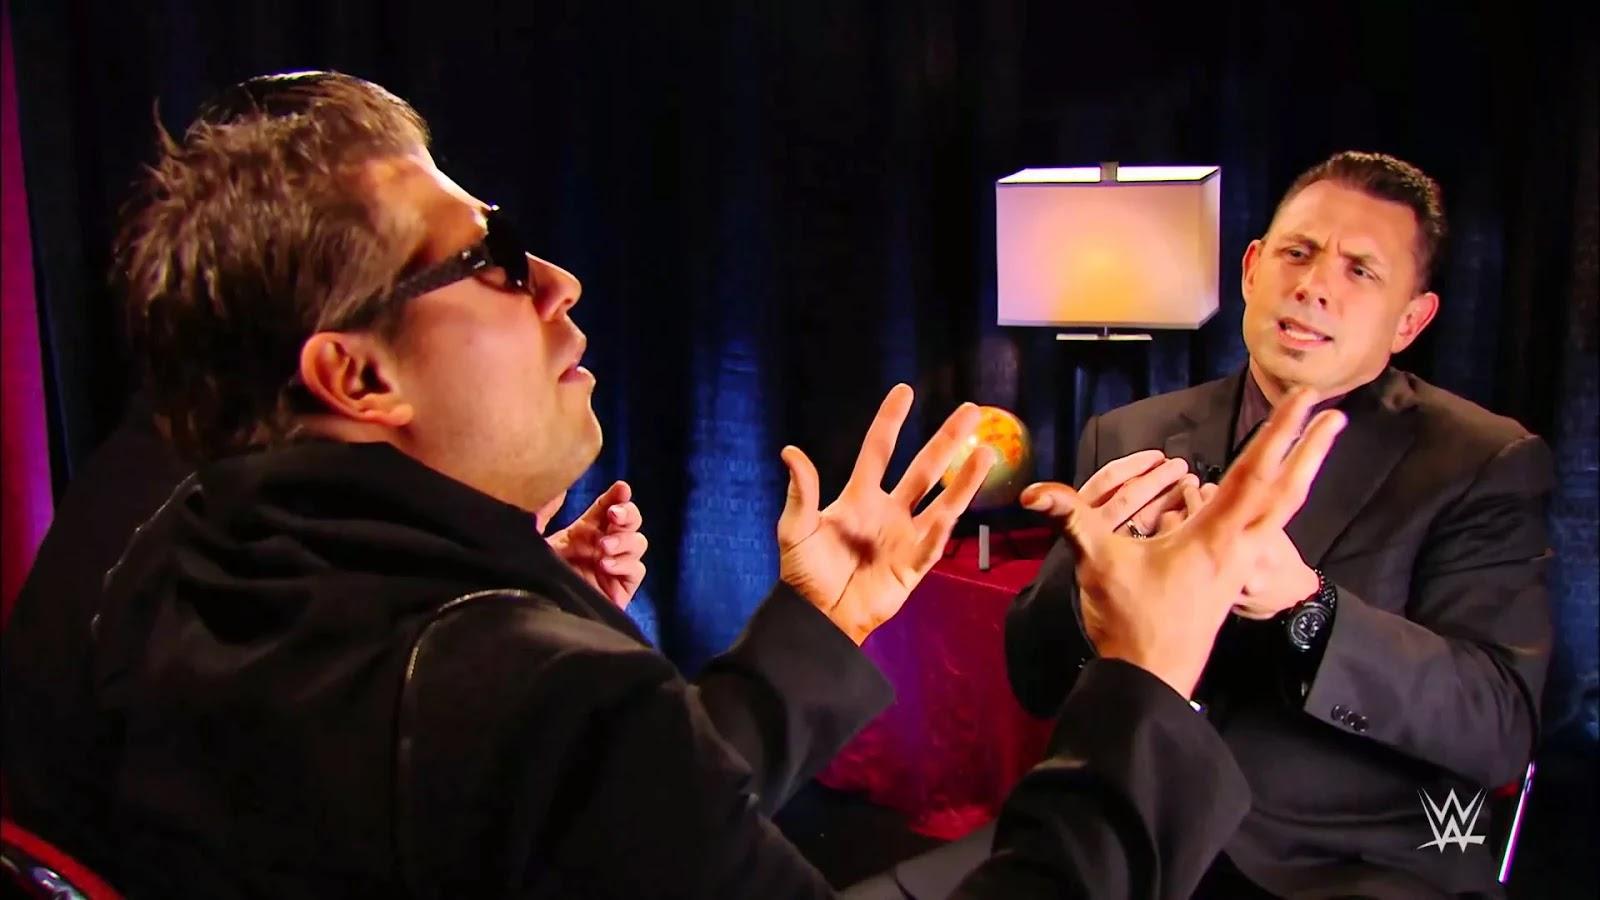 شاهد ذا ميز يفشل في تعليم مايكل كول درس في التمثيل على اليوتيوب  1